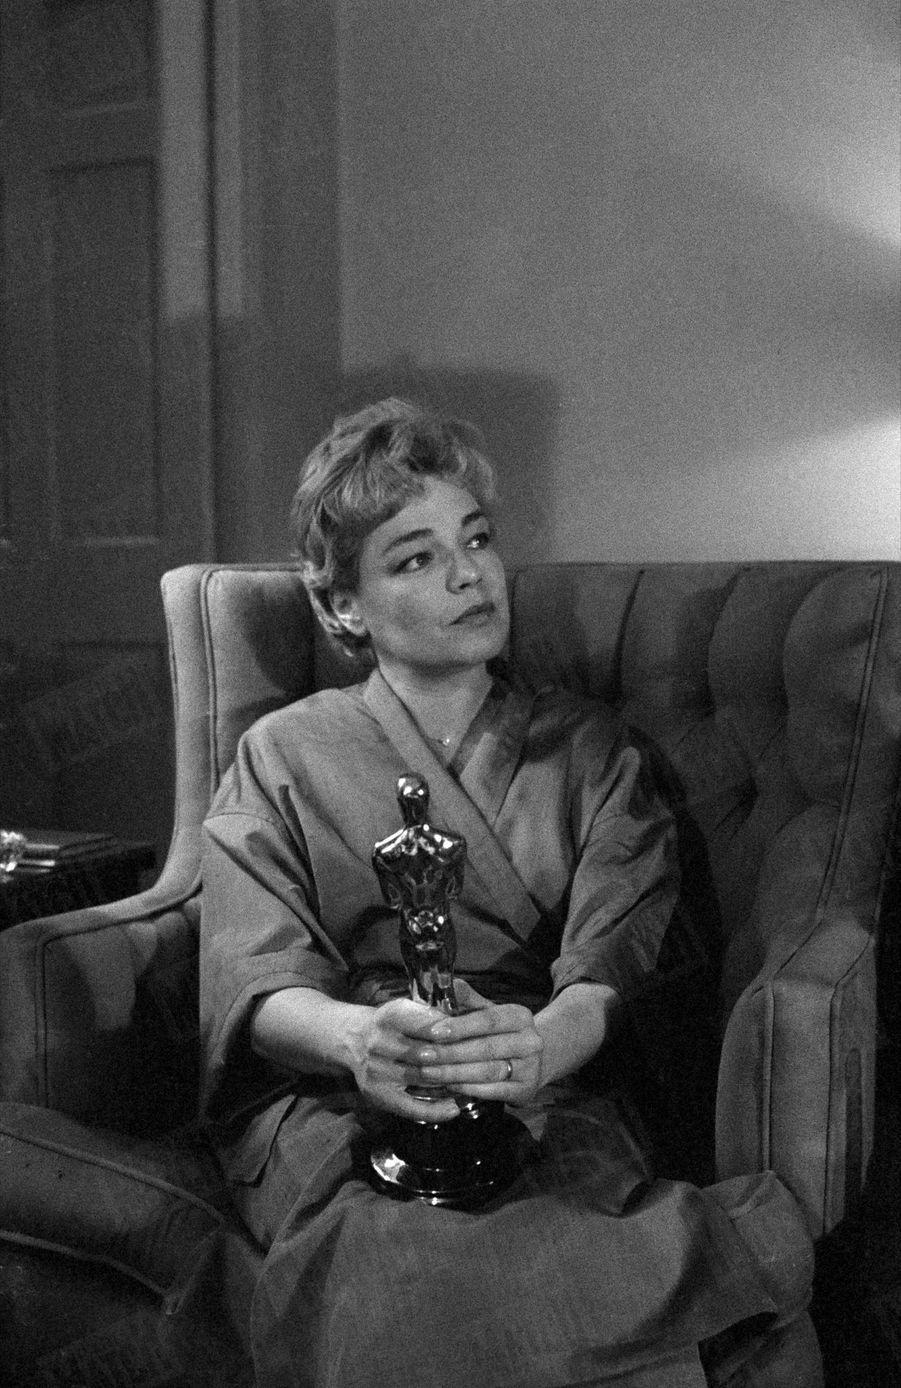 Simone Signoret dans sa chambre du Beverly Hills Hotel, au lendemain de sa victoire aux Oscars, en avril 1960.